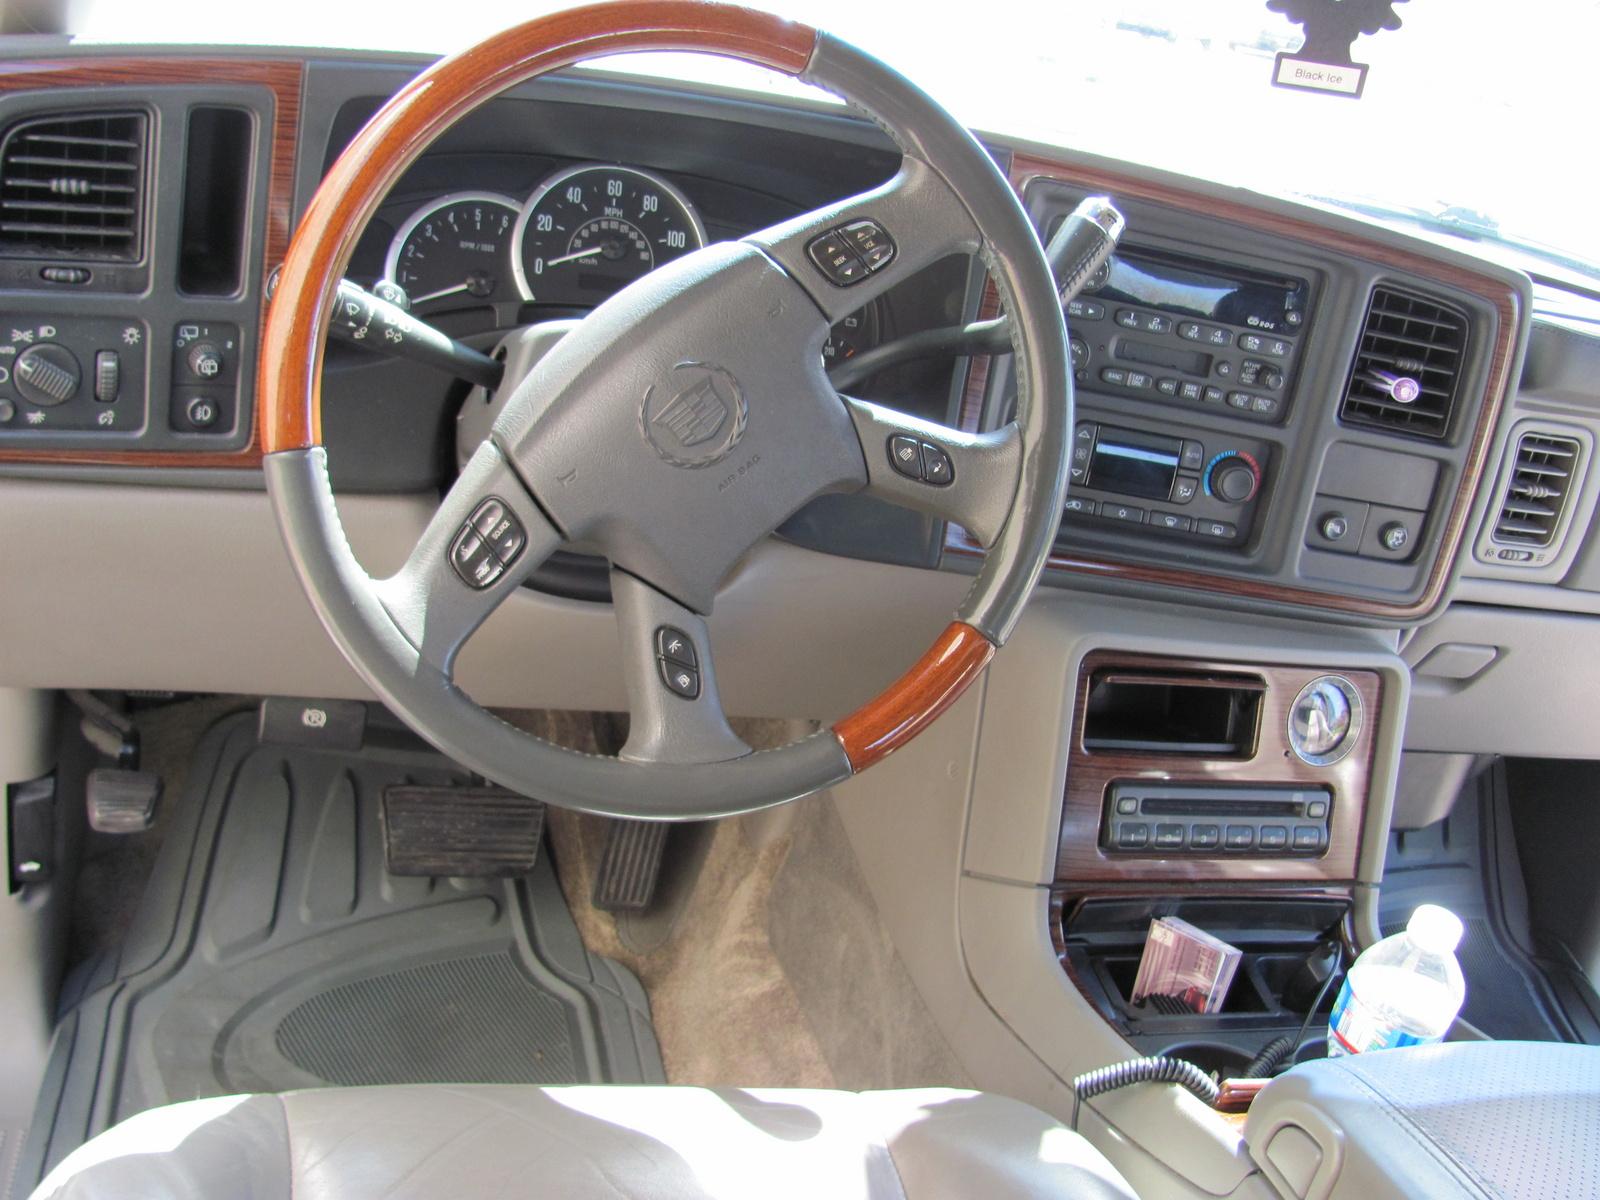 2003 Cadillac Escalade Interior Pictures Cargurus